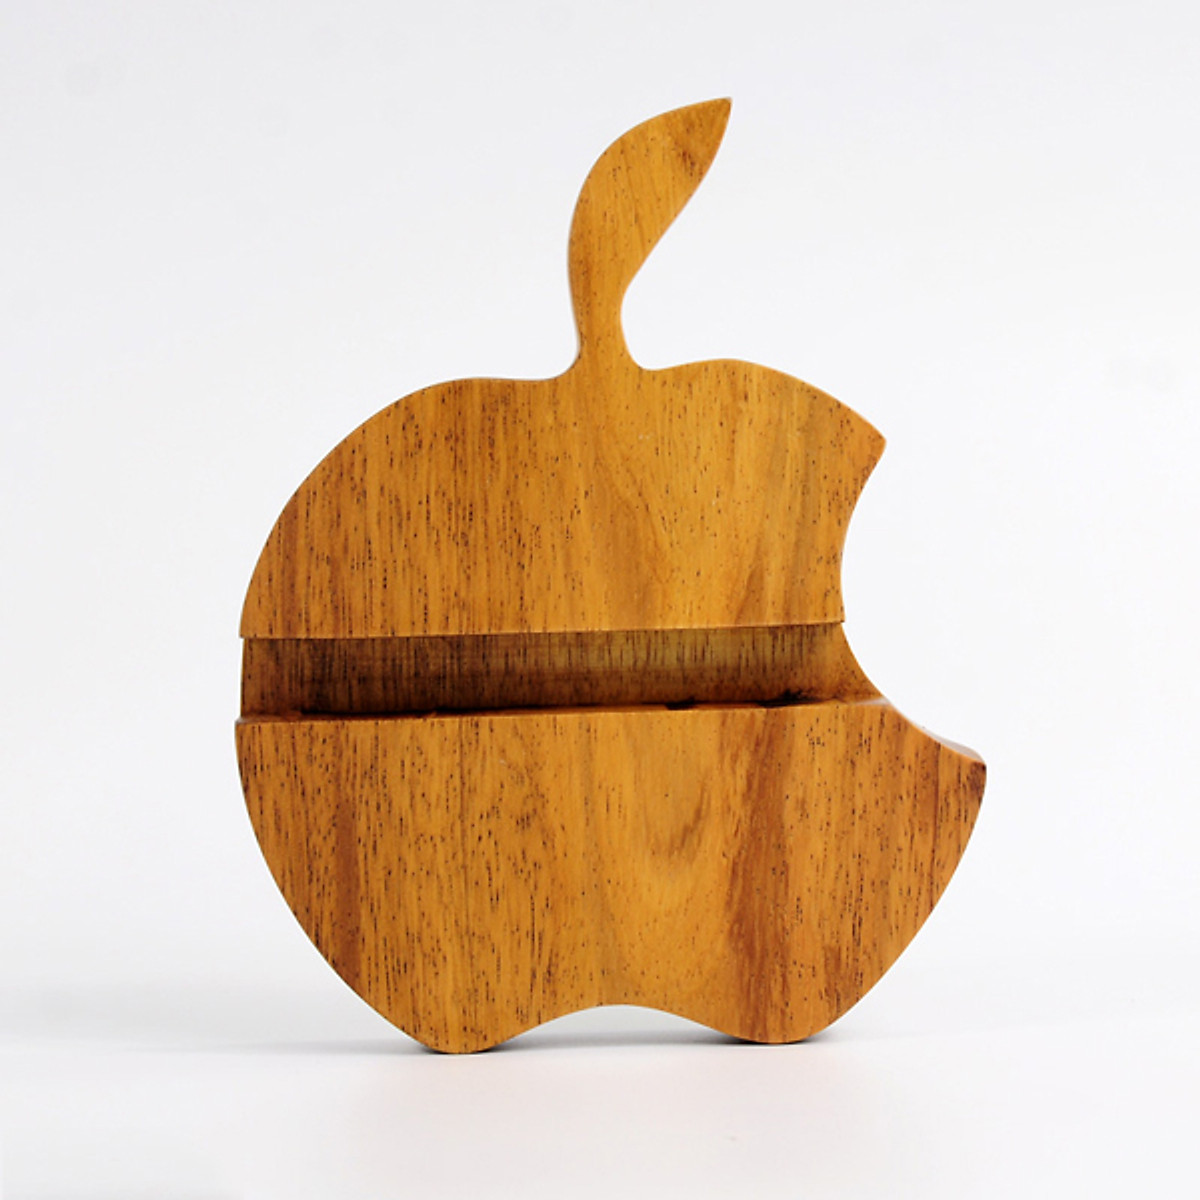 Đế dựng dành cho điện thoại, máy tính bảng hình quả táo bằng gỗ